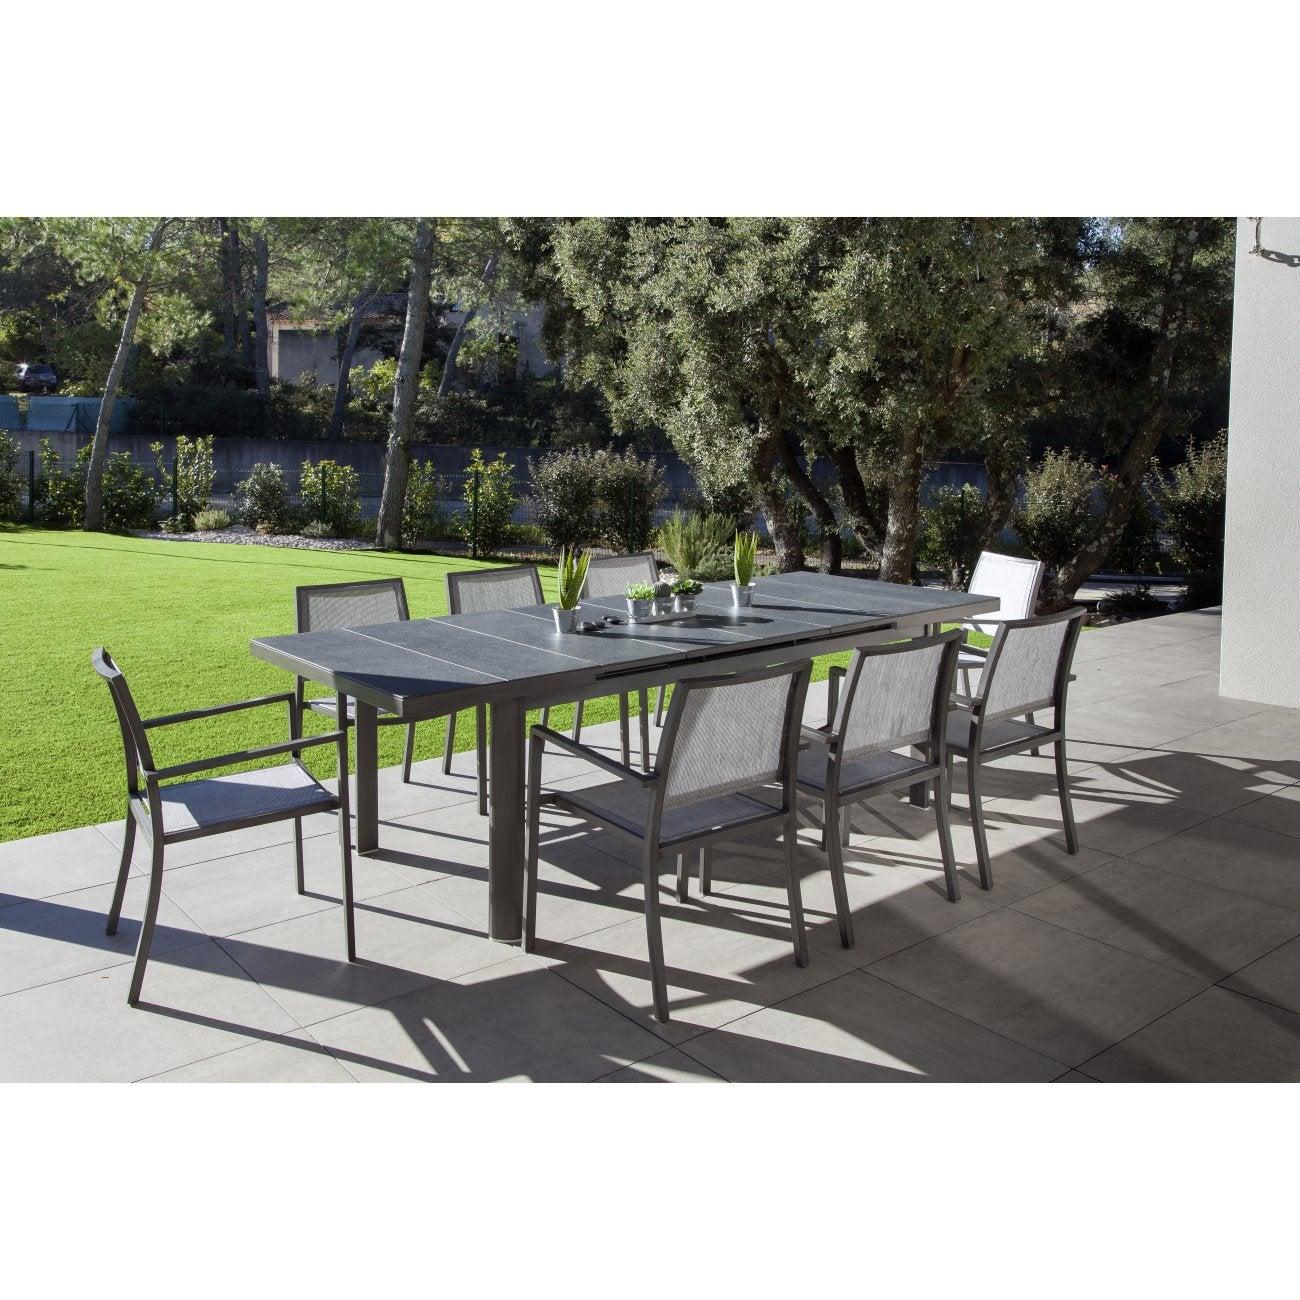 Table de jardin Myosotis rectangulaire gris 8 personnes